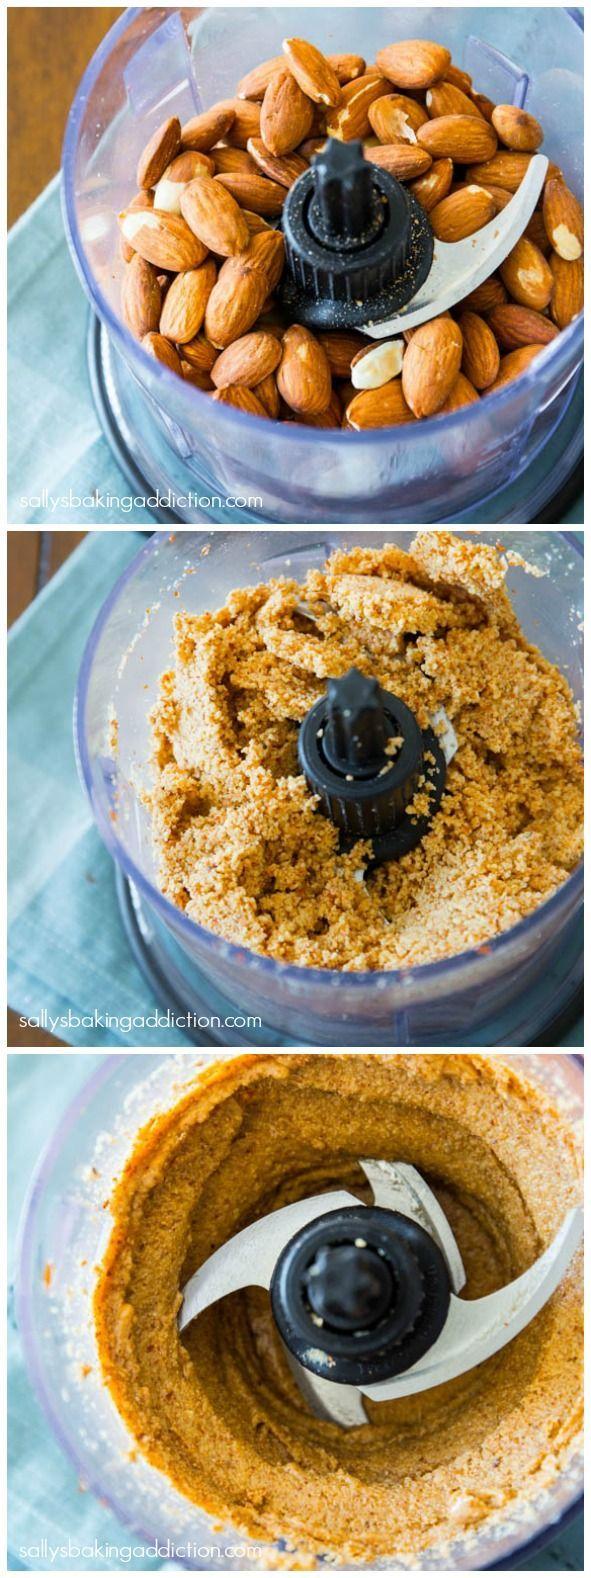 Homemade Almond Butter | Recipe | Almonds, Almond Butter and Homemade